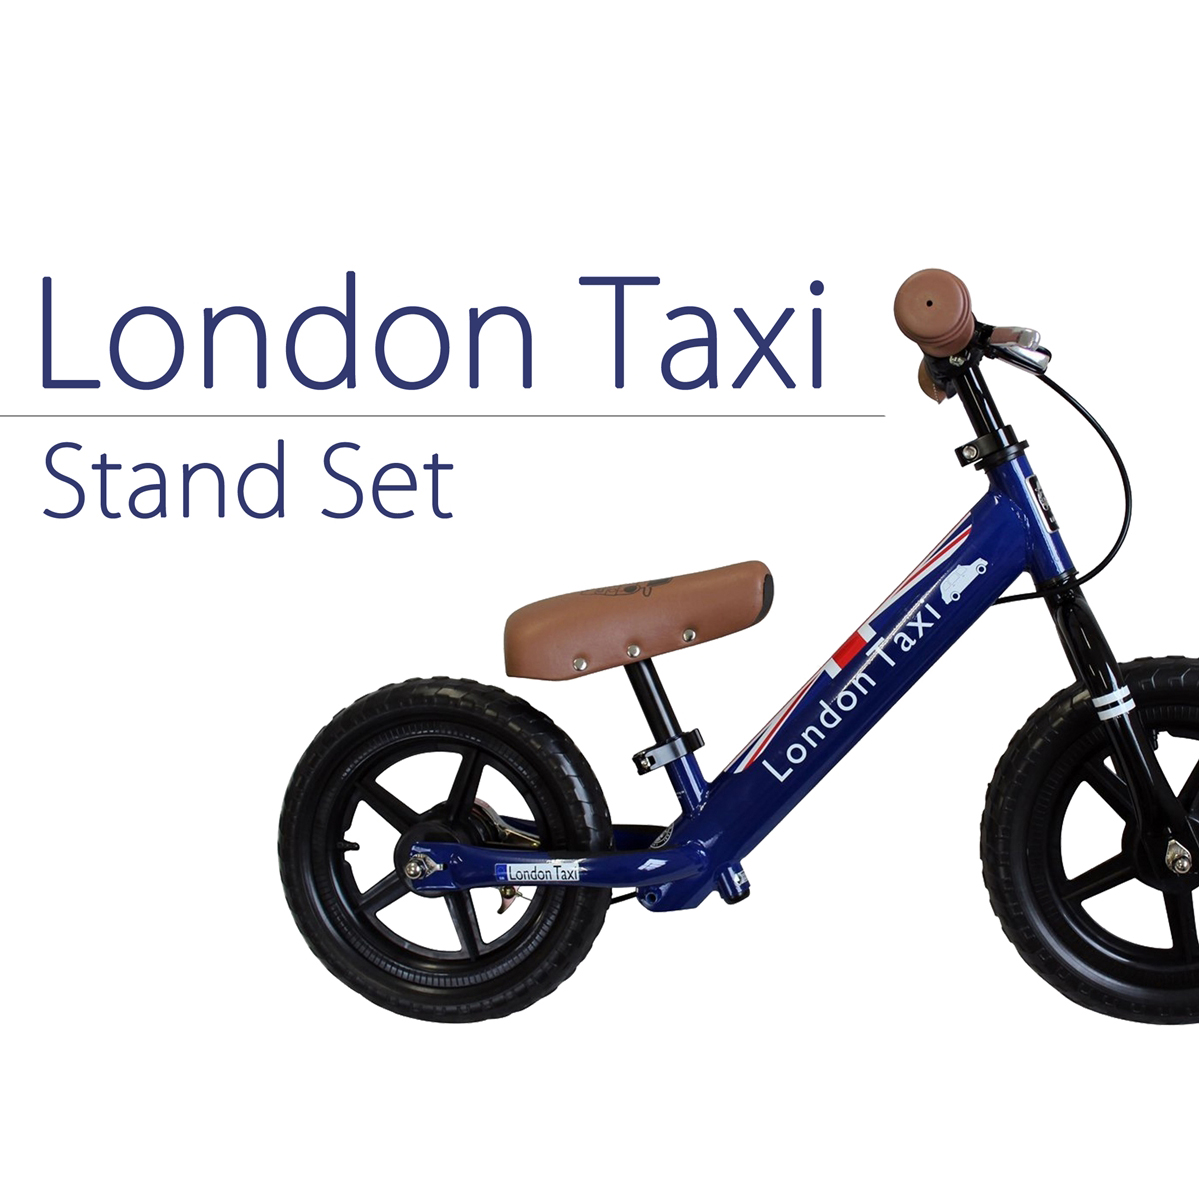 【弊社独自改良スタンド】 ロンドンタクシー キックバイク バランスバイク ブレーキ スタンド ブルー 青 自転車 子供